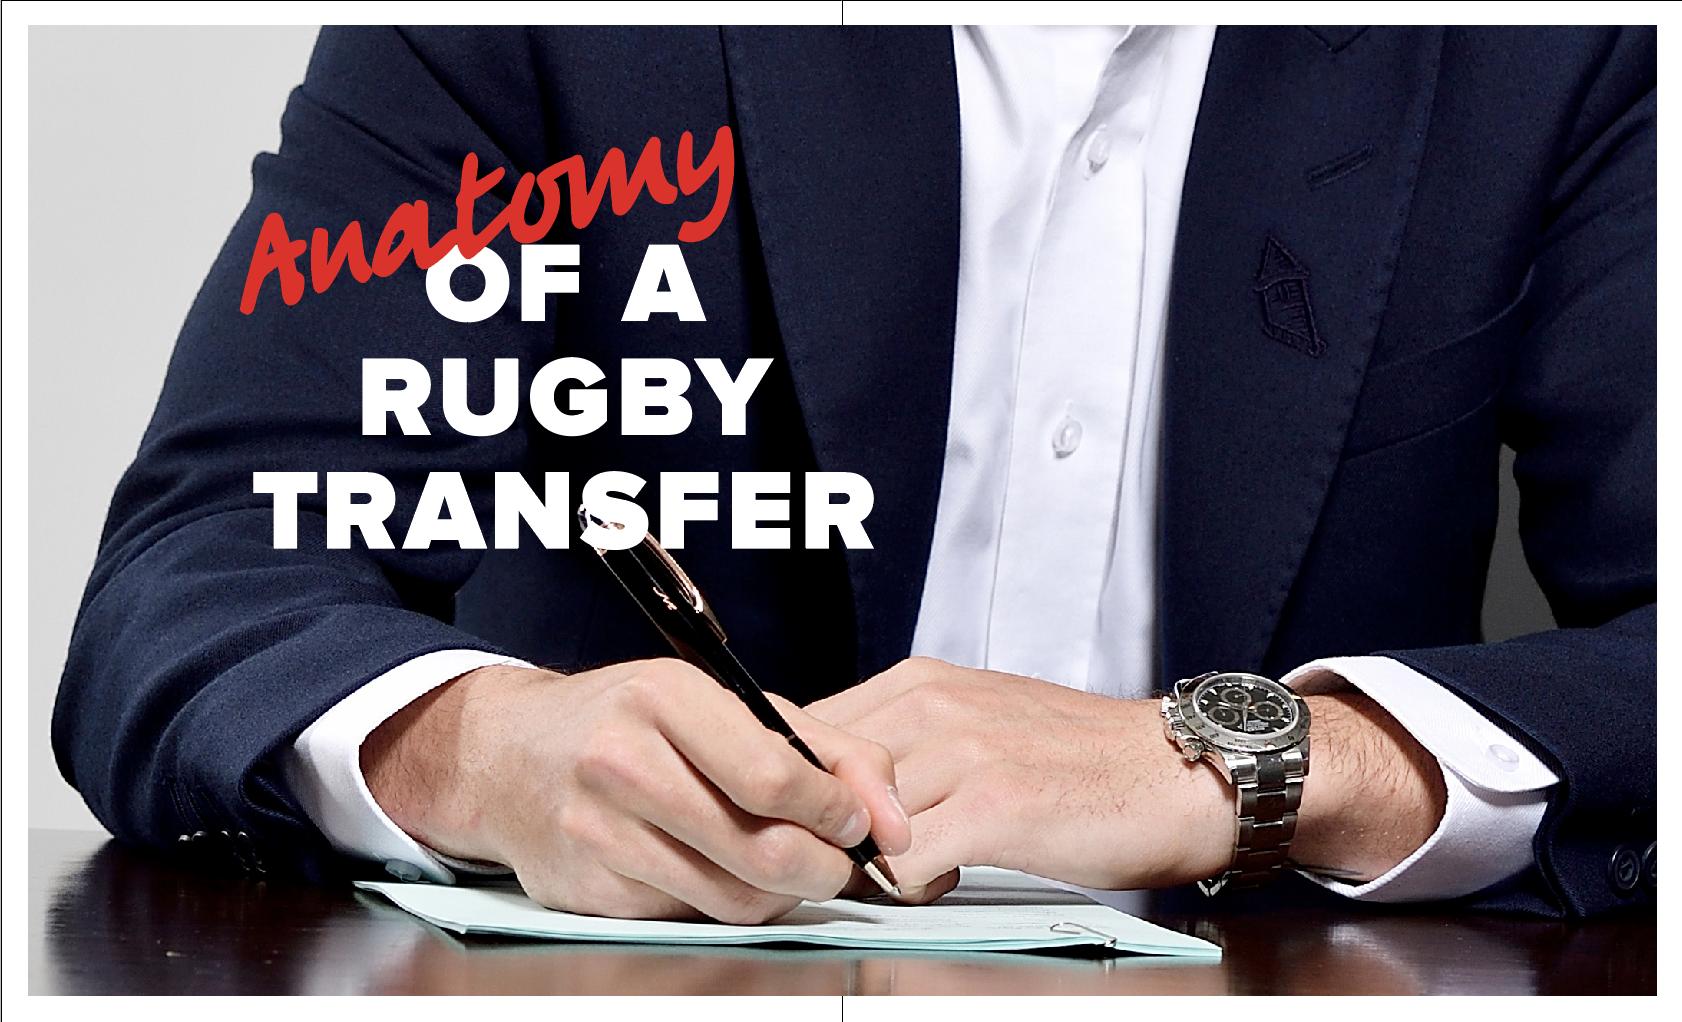 Anatomie d'un transfert de rugby pendant la crise Covid-19